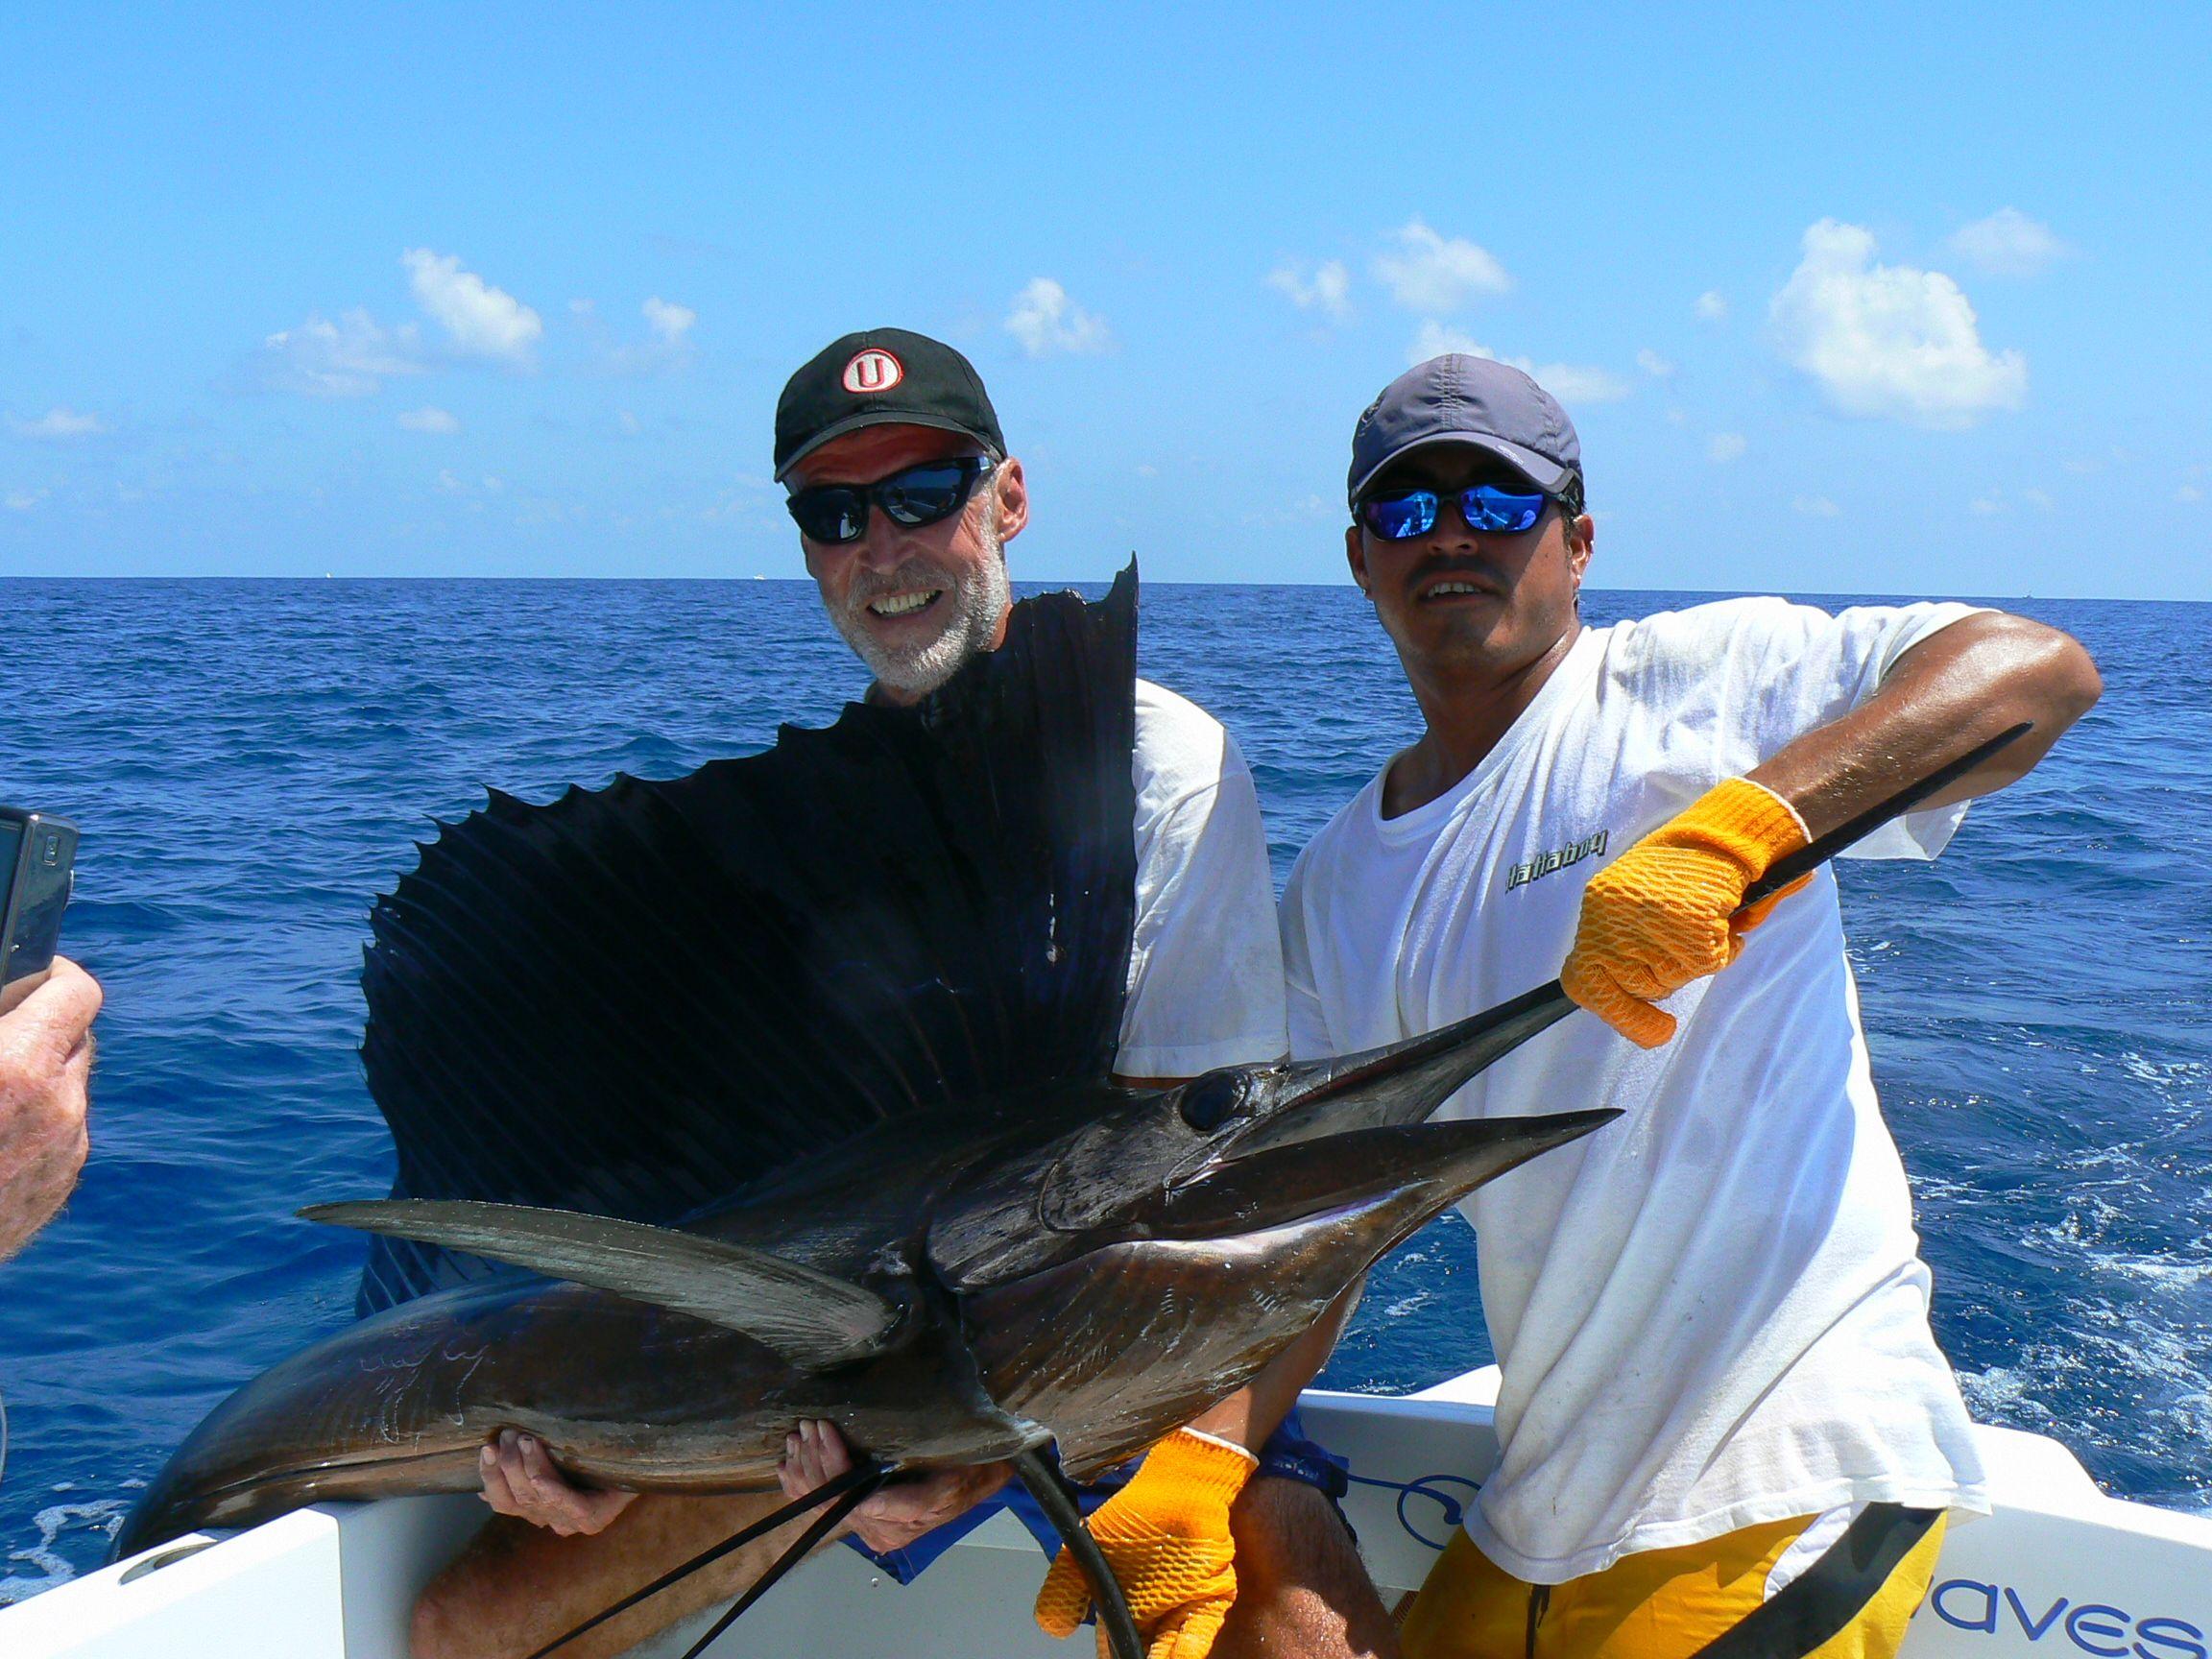 Las Personas Pescan En Un Oc Ano Cerca De Costa Rica El